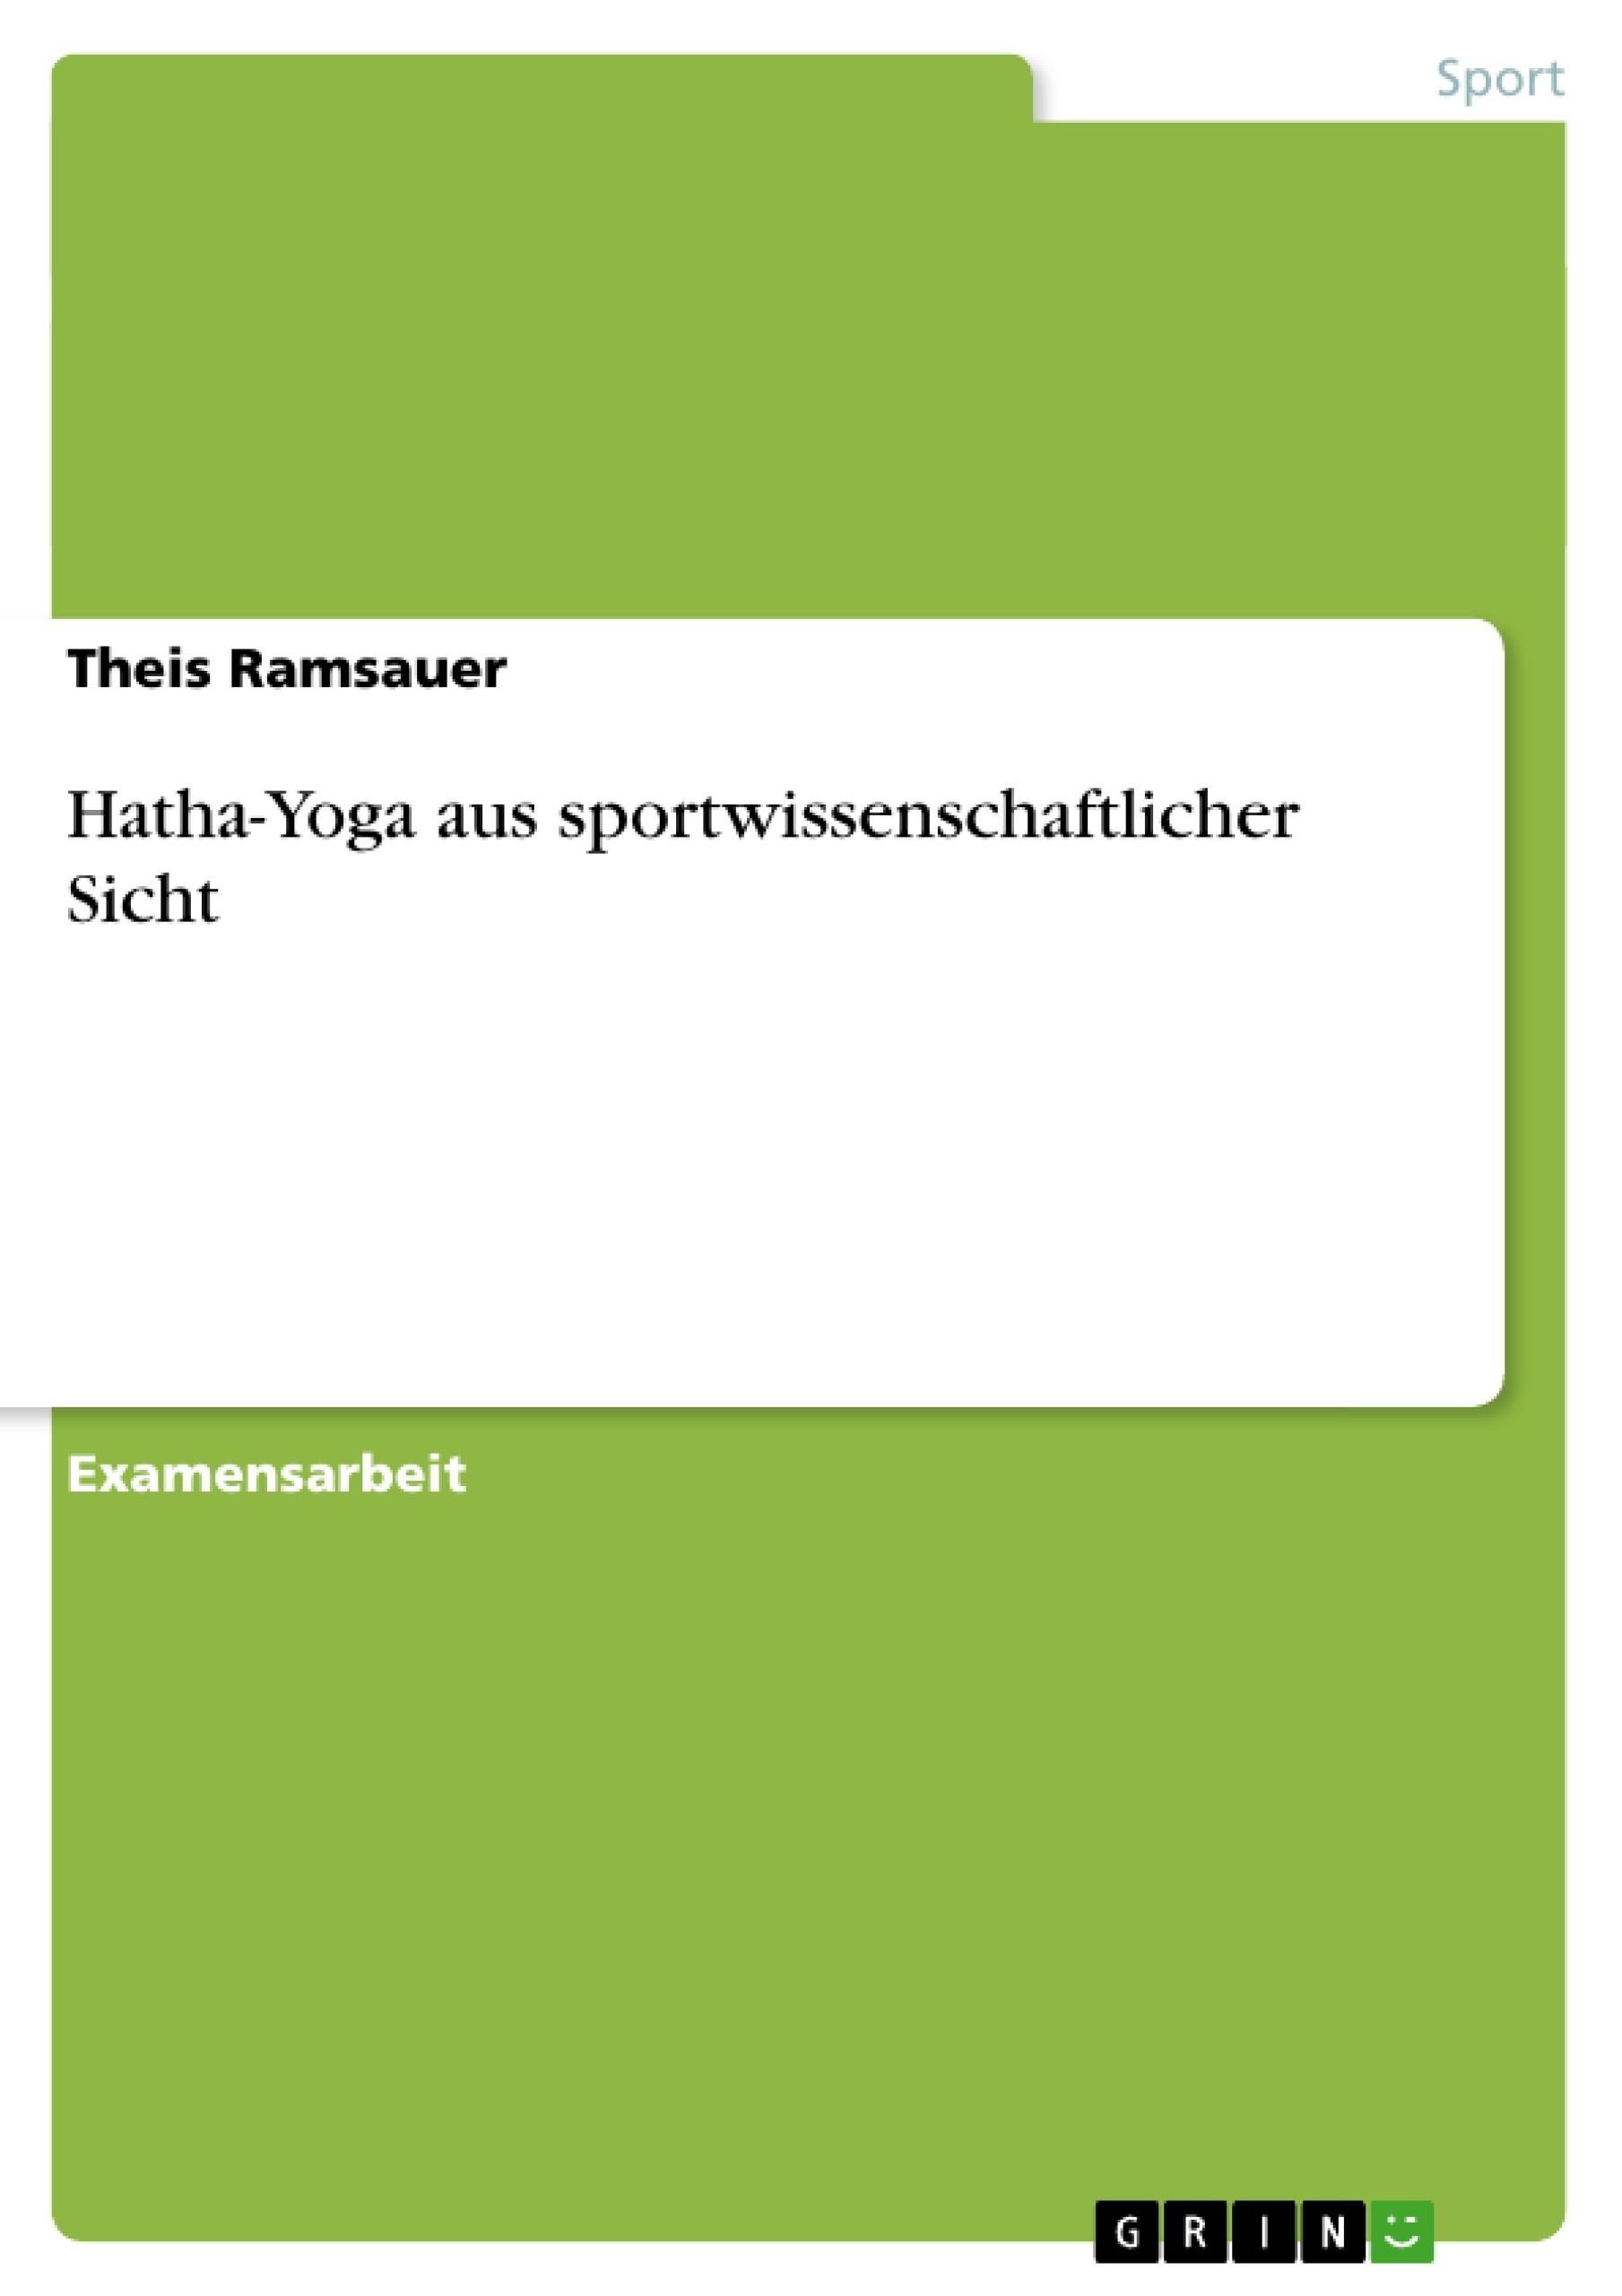 Hatha-Yoga aus sportwissenschaftlicher Sicht | Masterarbeit ...